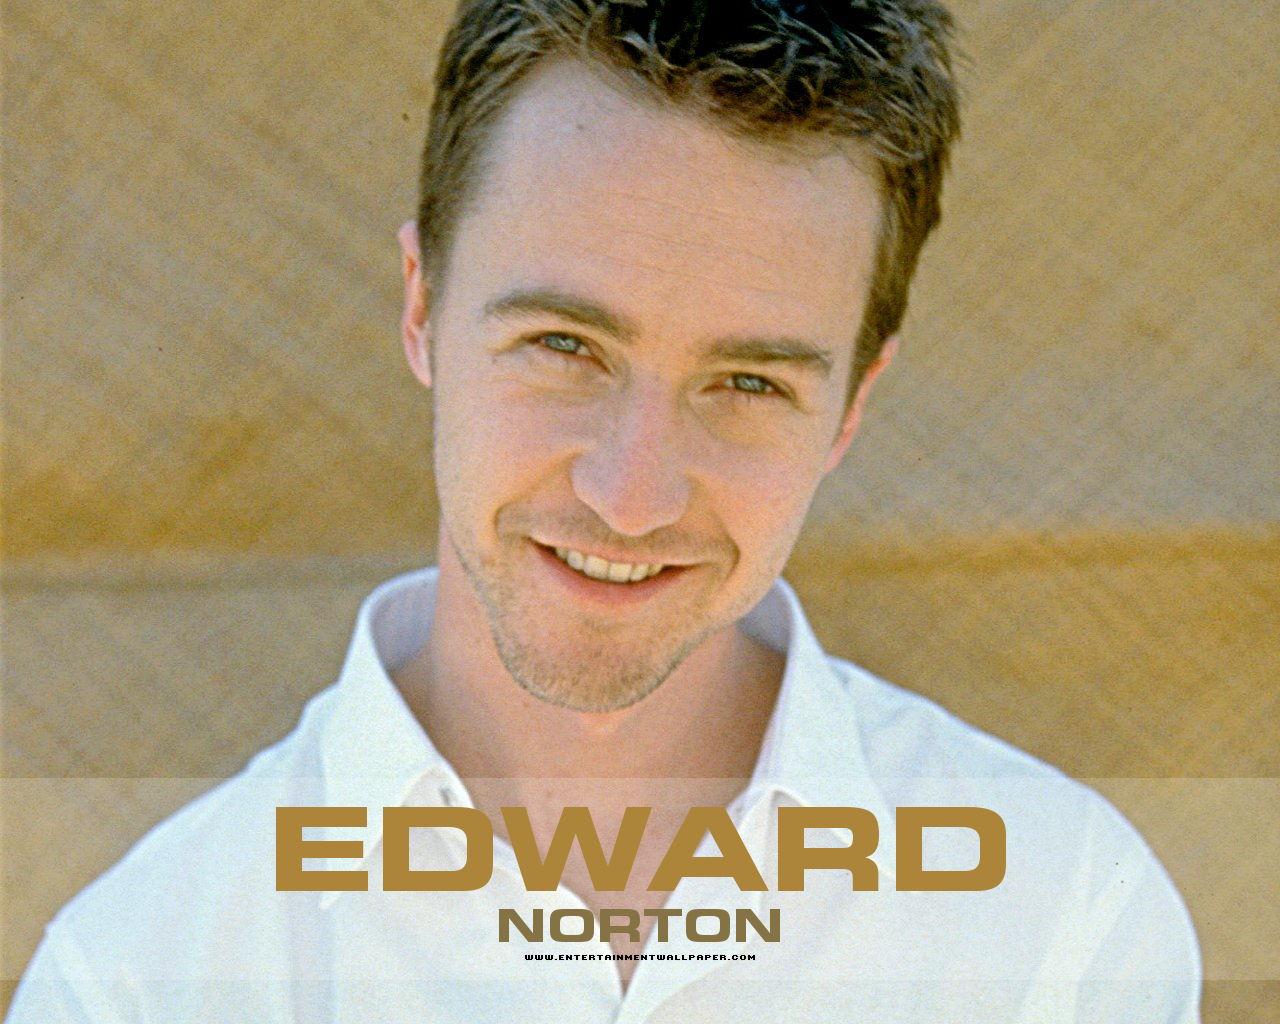 http://3.bp.blogspot.com/-MA_8SnSXD00/Th4xCTdxwiI/AAAAAAAAA1o/XFMTy3qwaHQ/s1600/edward_norton06.jpg